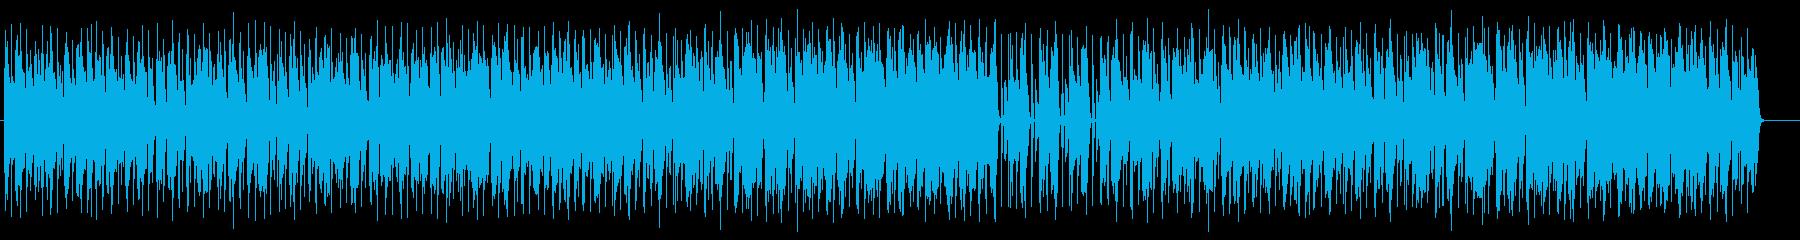 テクノポップな幻想的な音楽の再生済みの波形